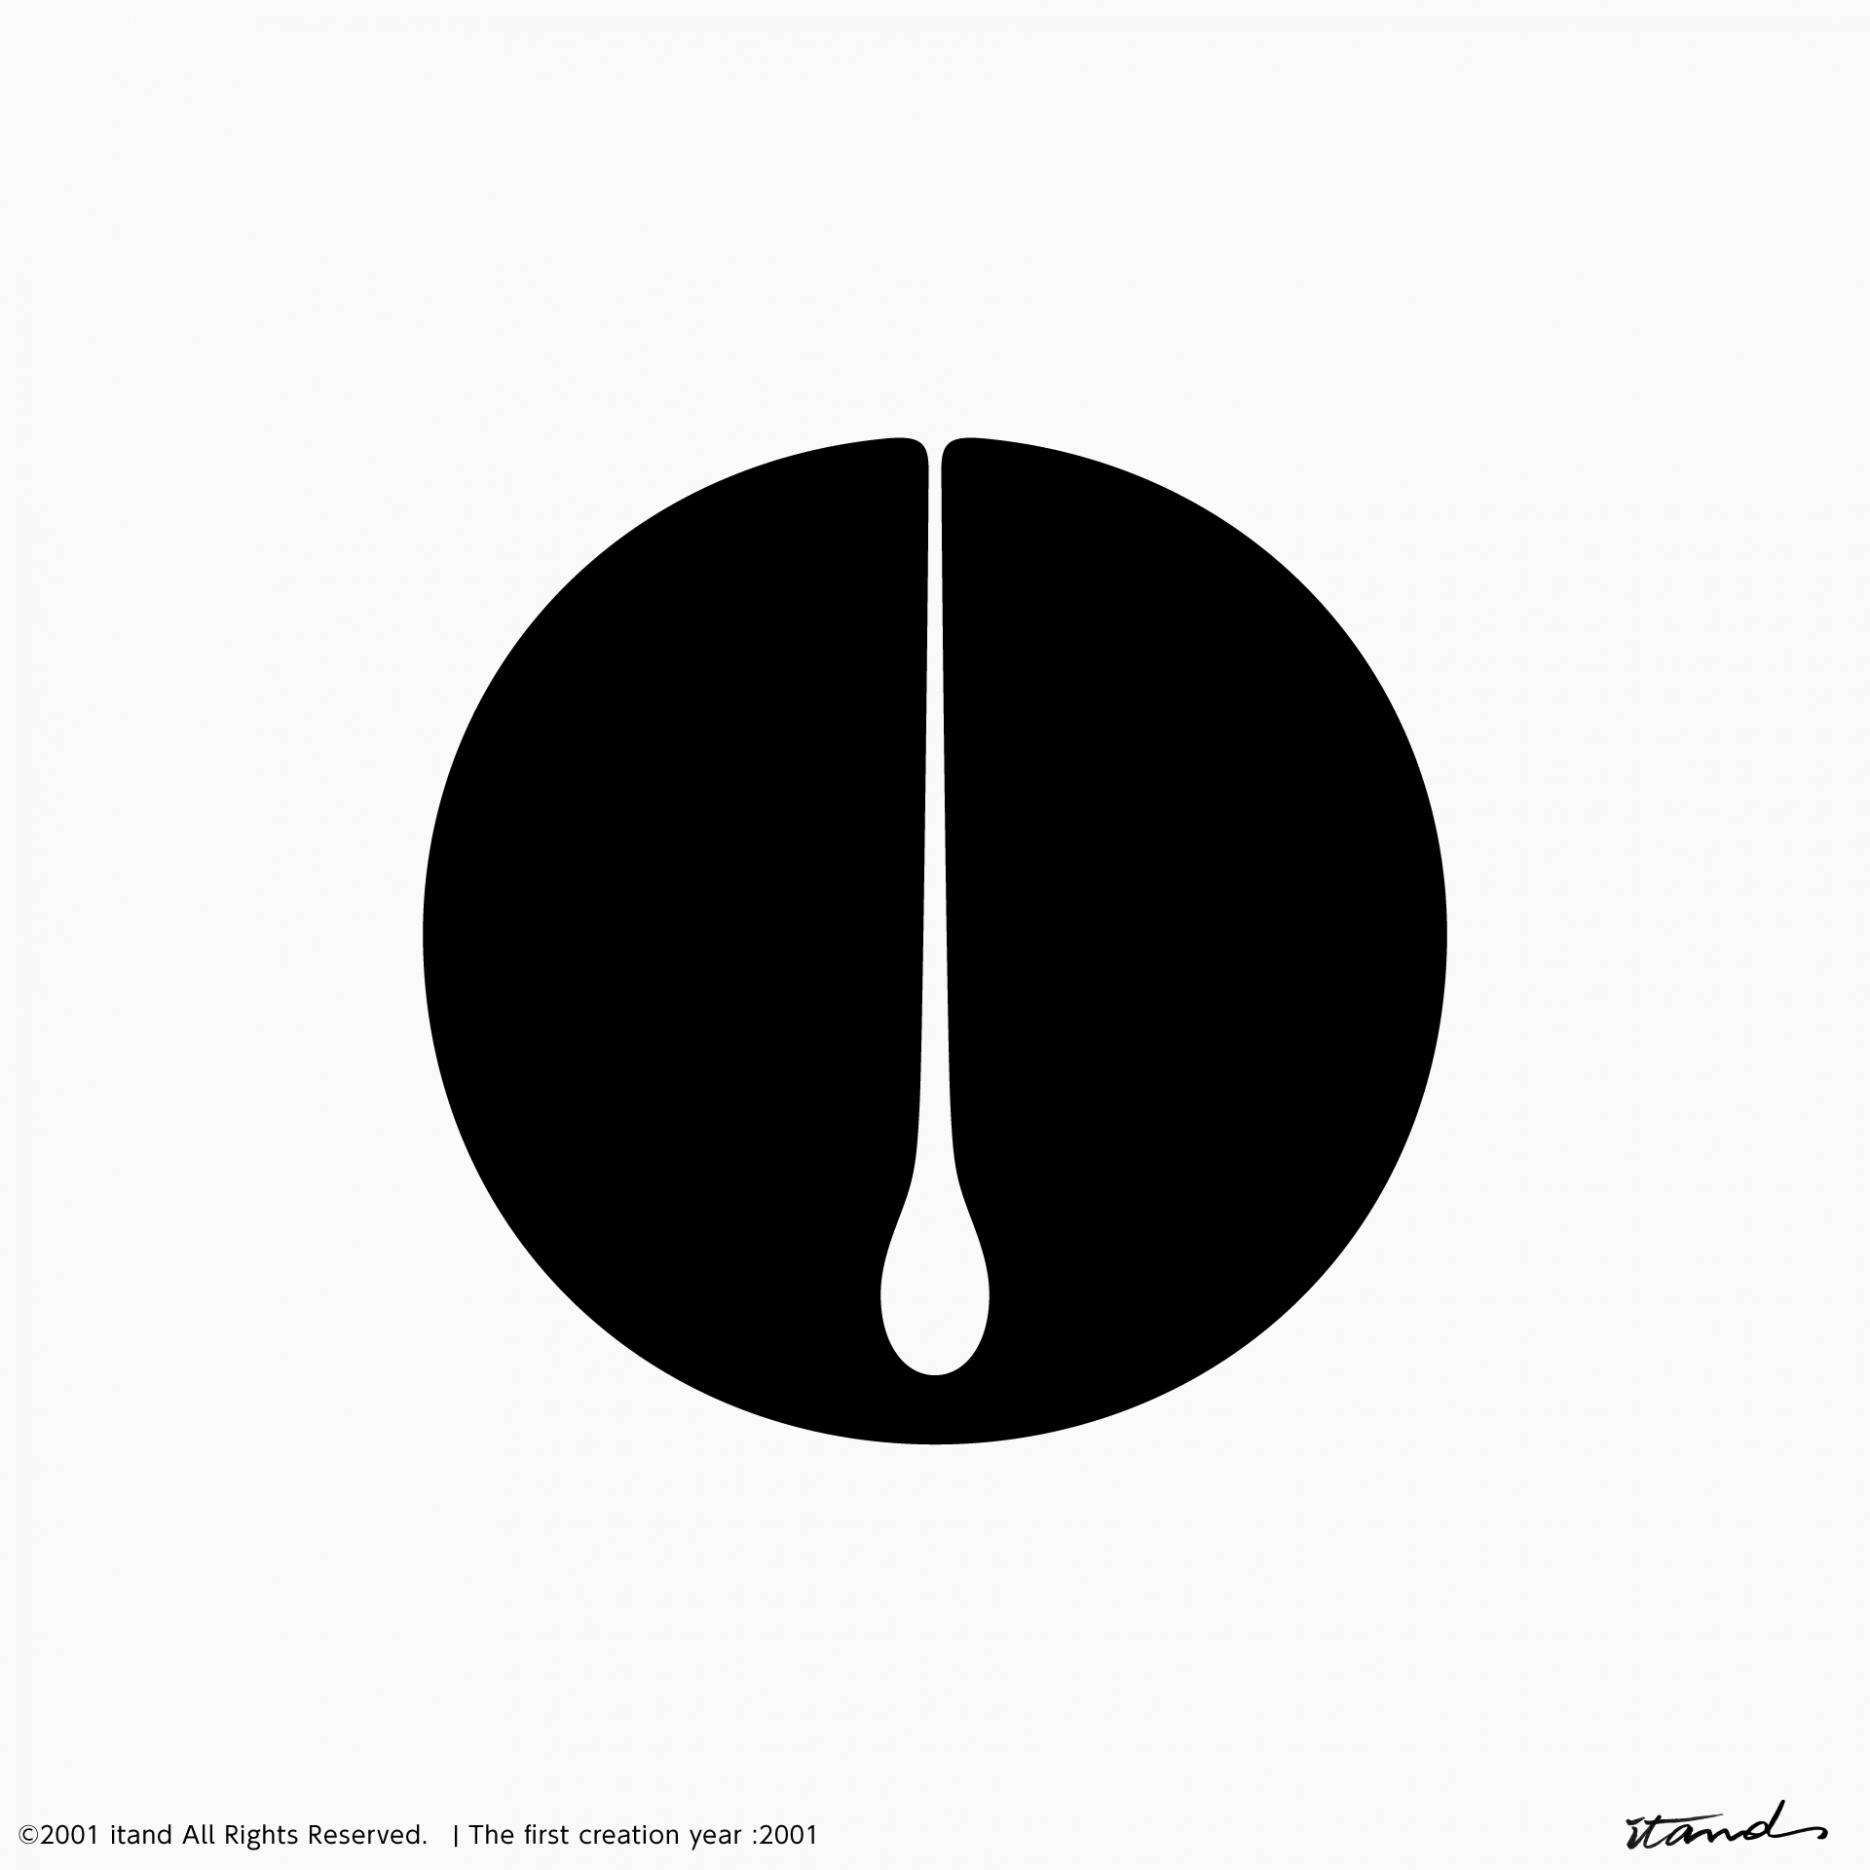 シンボルアート & デザイン 【雫 | a Drip】